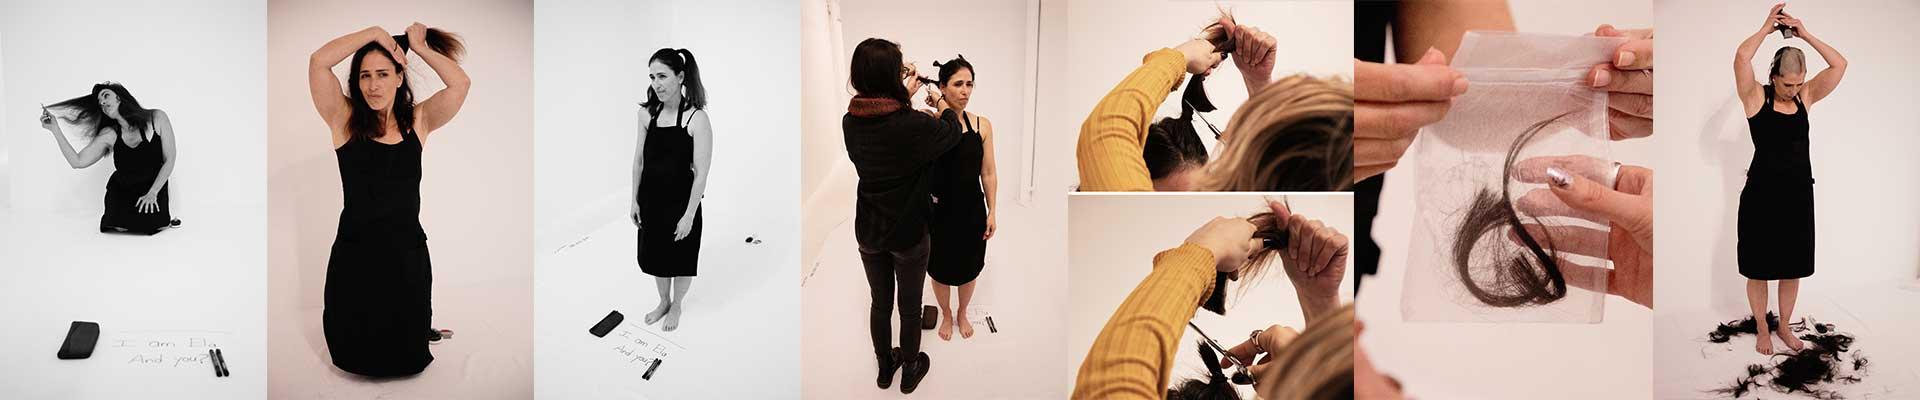 קולקציית תמונות של אלה סלומון במופע For Me- For You- Forgive, בו היא מגלחת את שיערה בעזרת הקהל